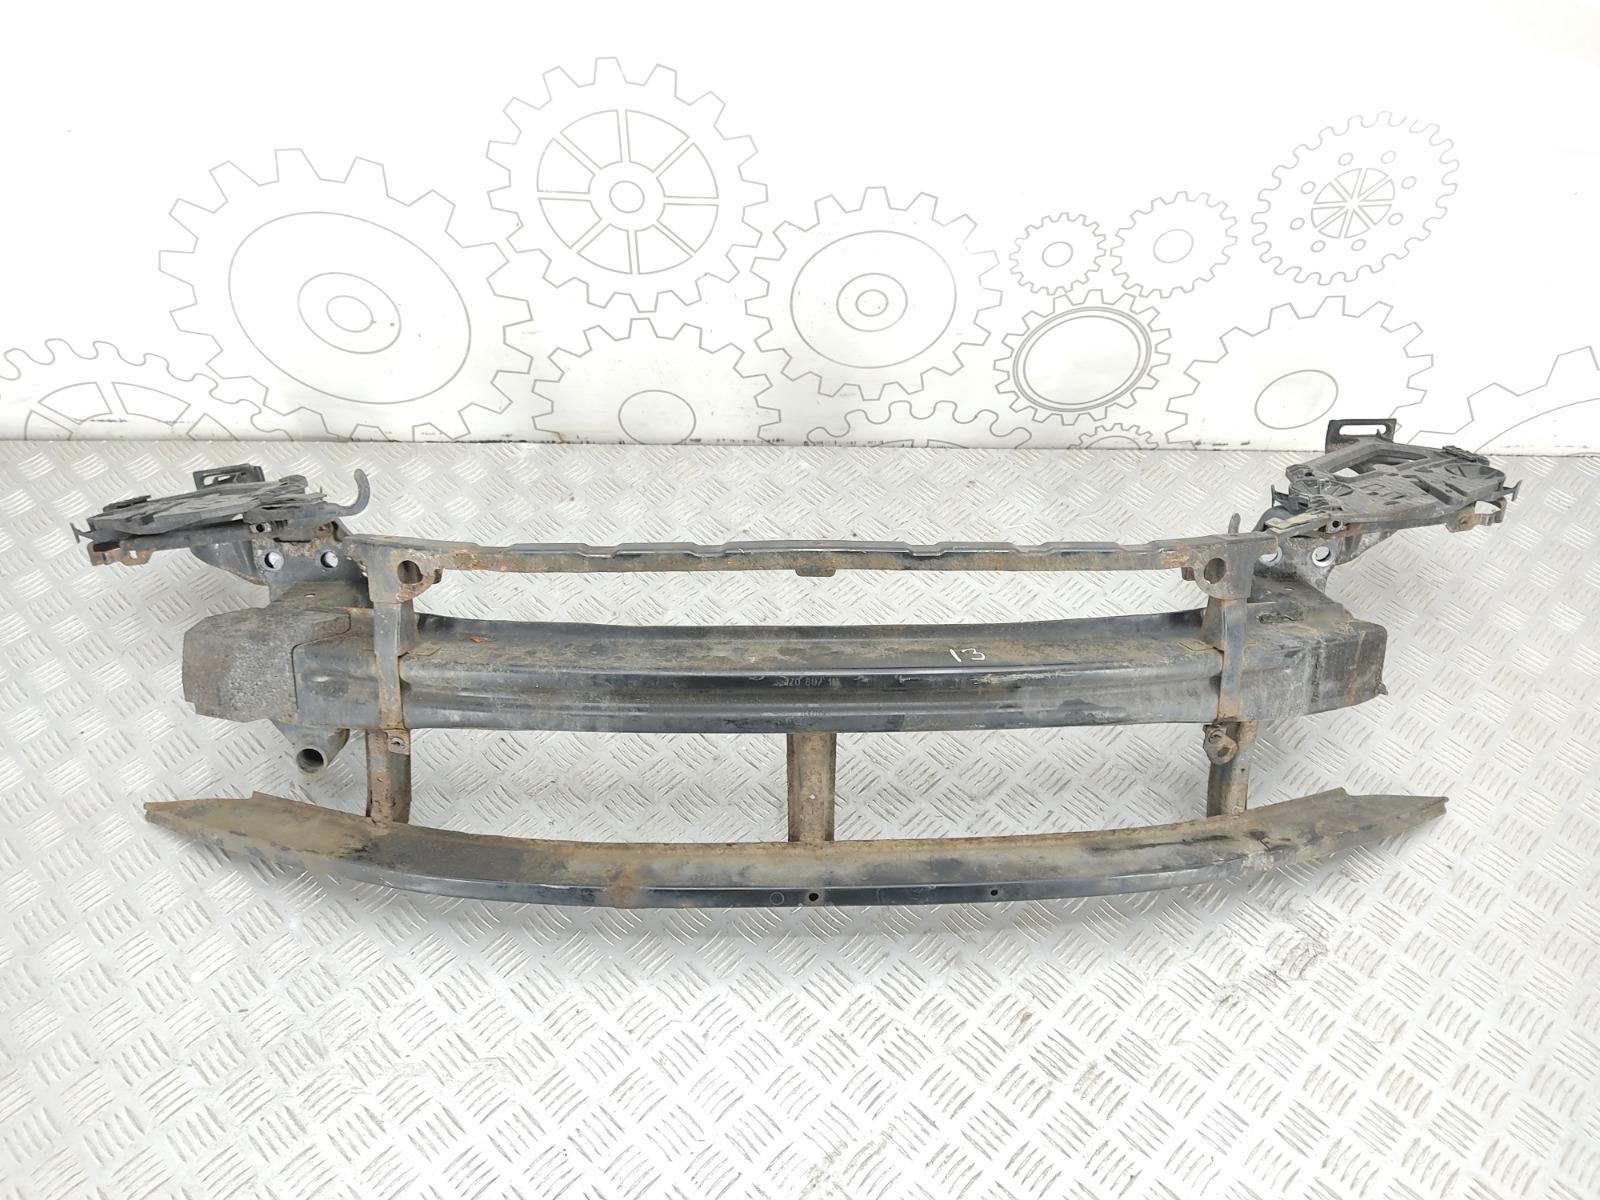 Усилитель бампера переднего Skoda Octavia 1.6 I 2005 (б/у)